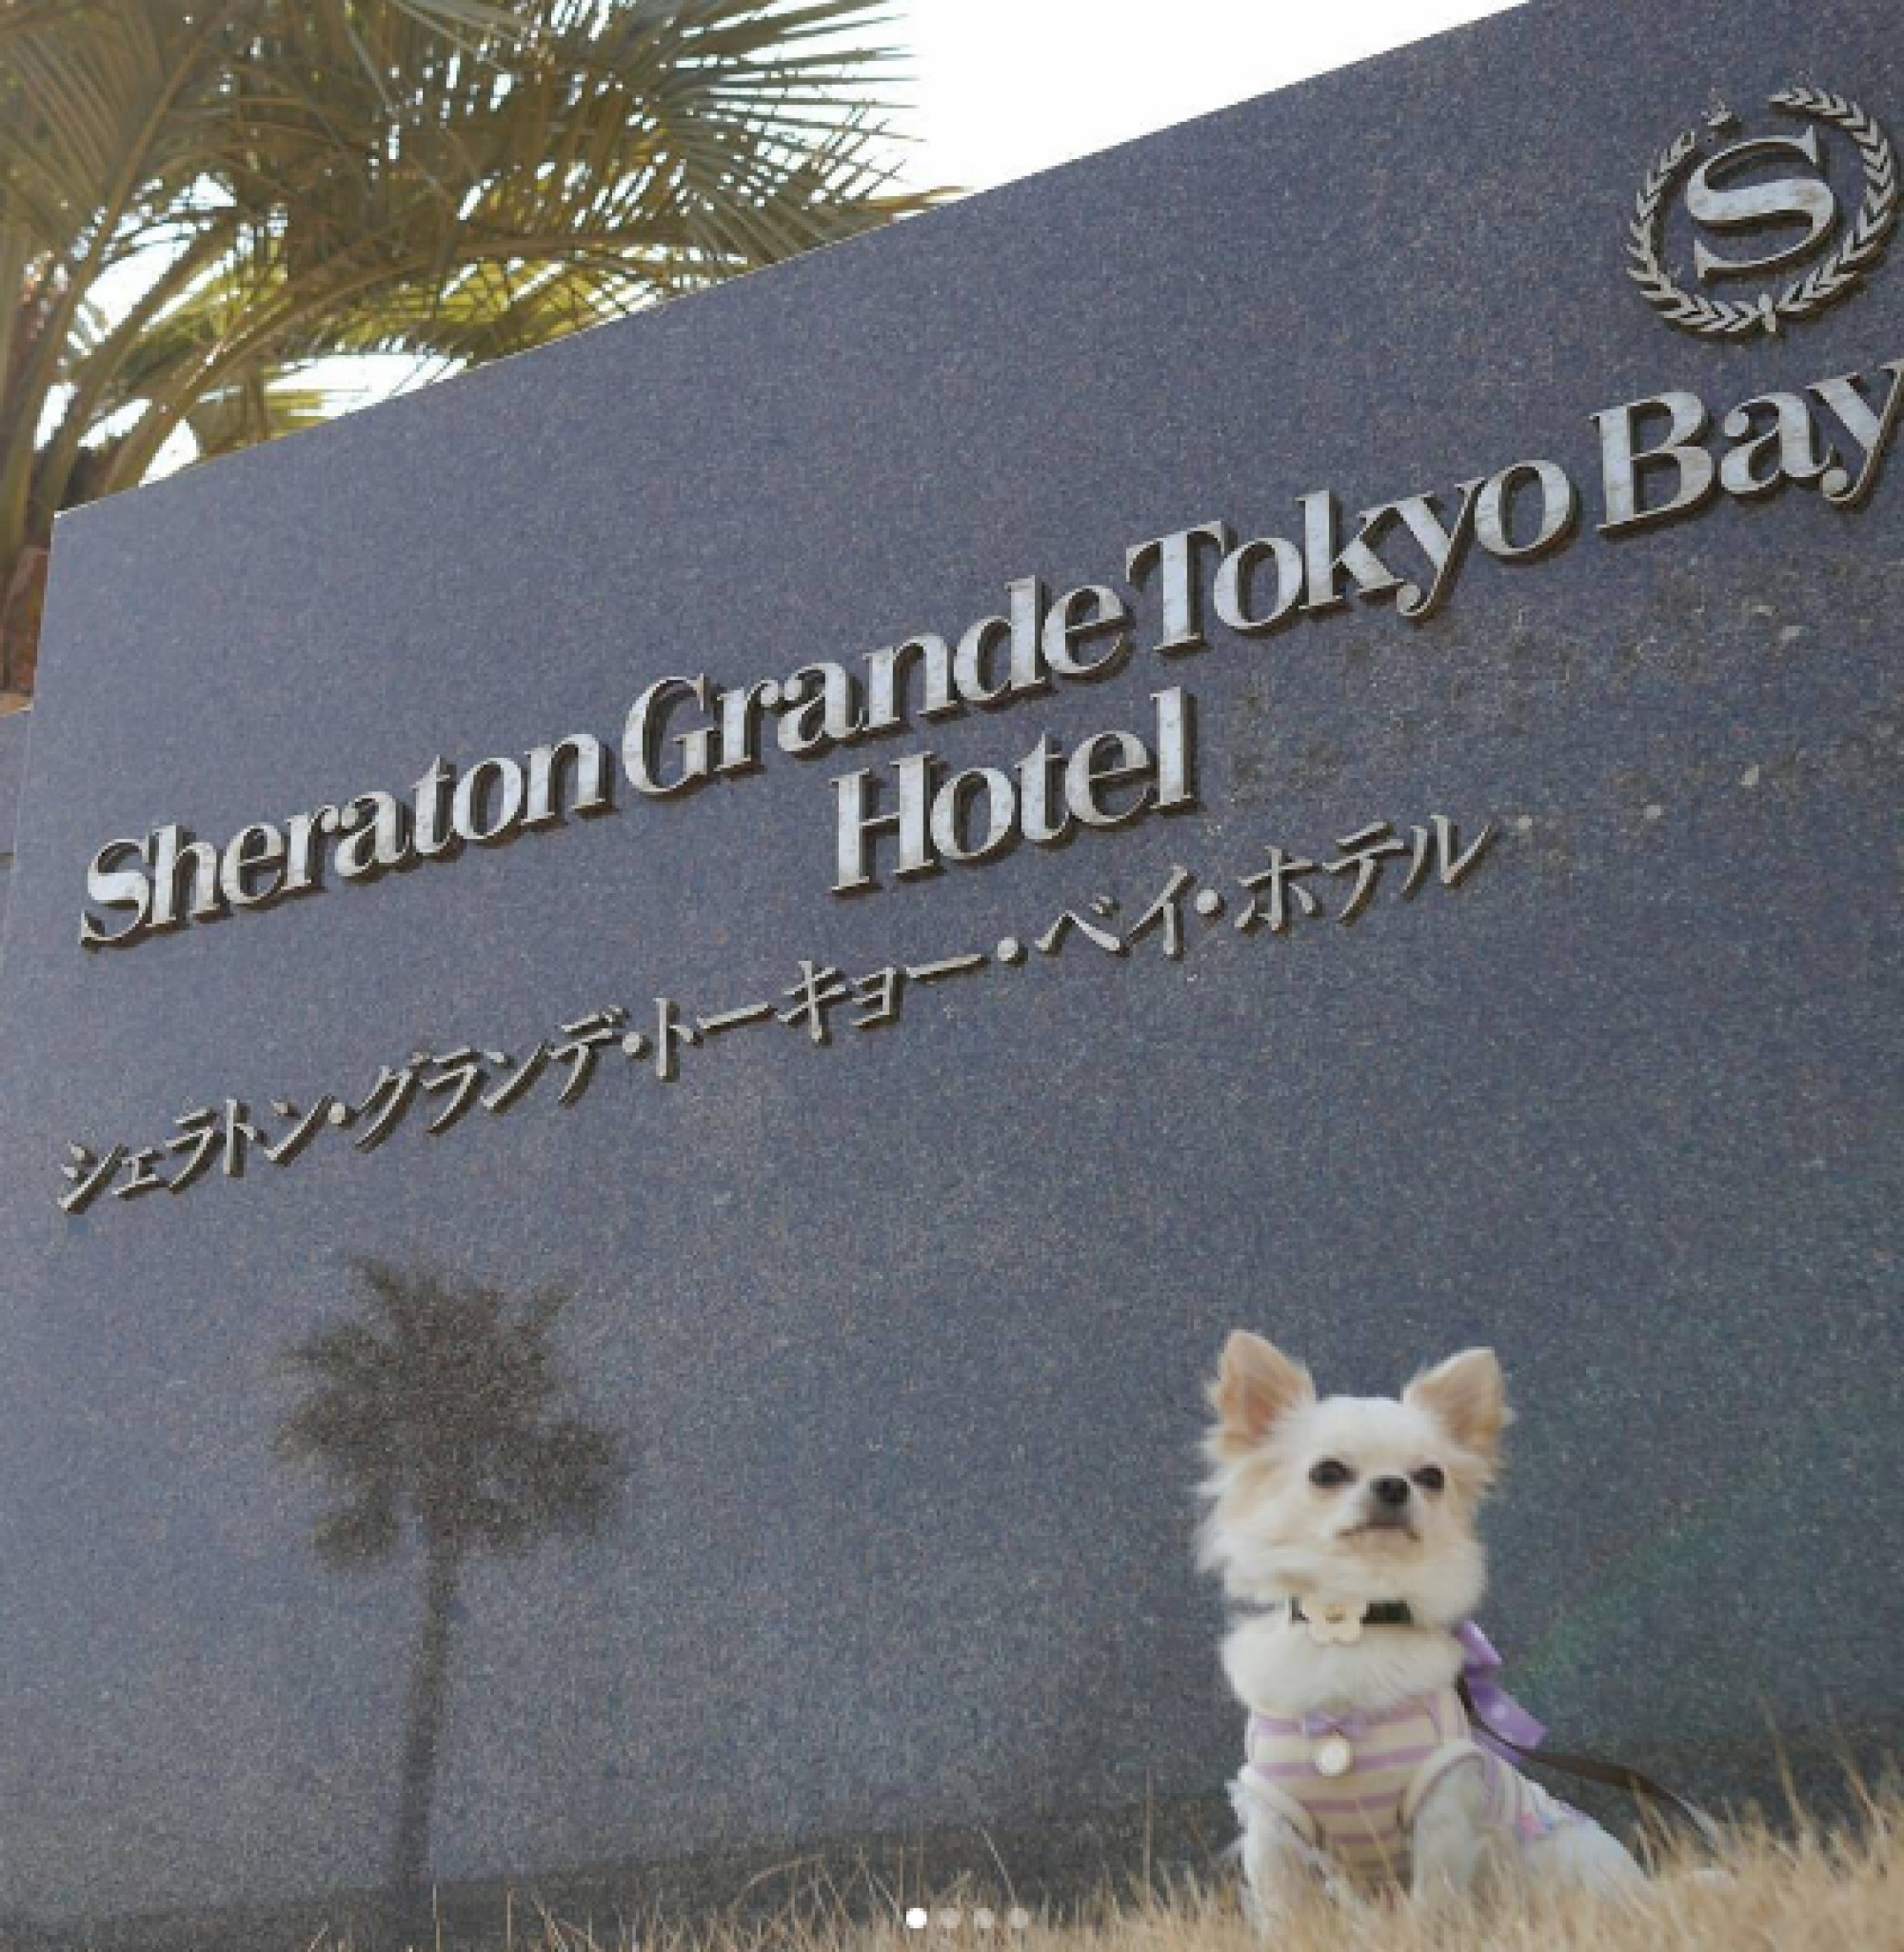 ワンちゃんと宿泊できるのは、東京ディズニーリゾートでここだけ